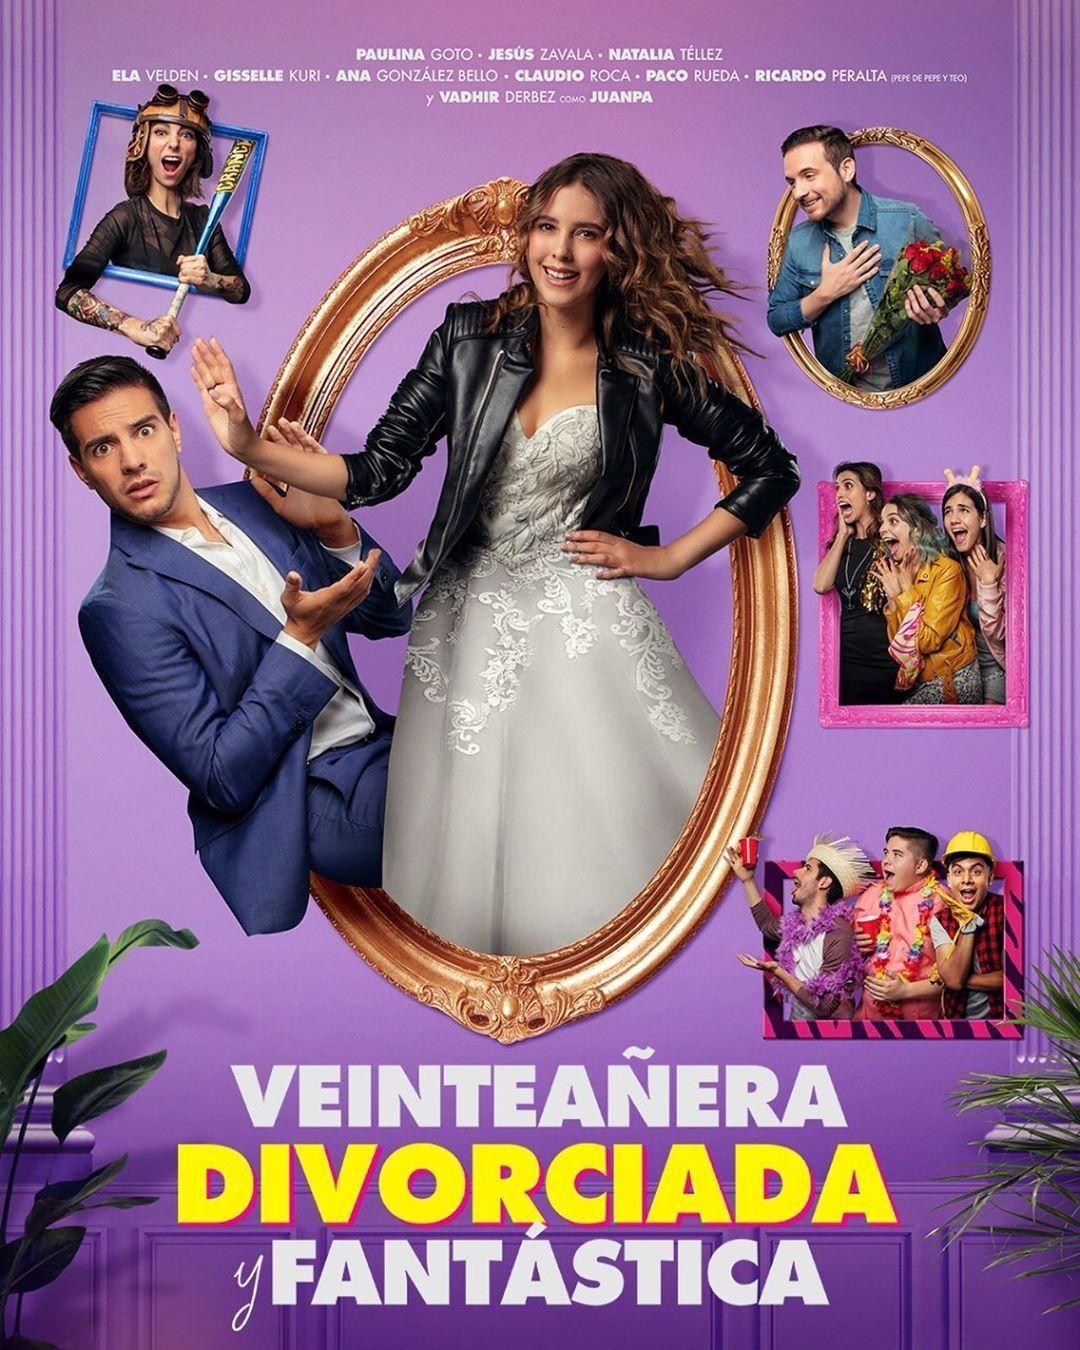 Veinteanera Divorciada Y Fantastica 13 De Marzo En Cines En